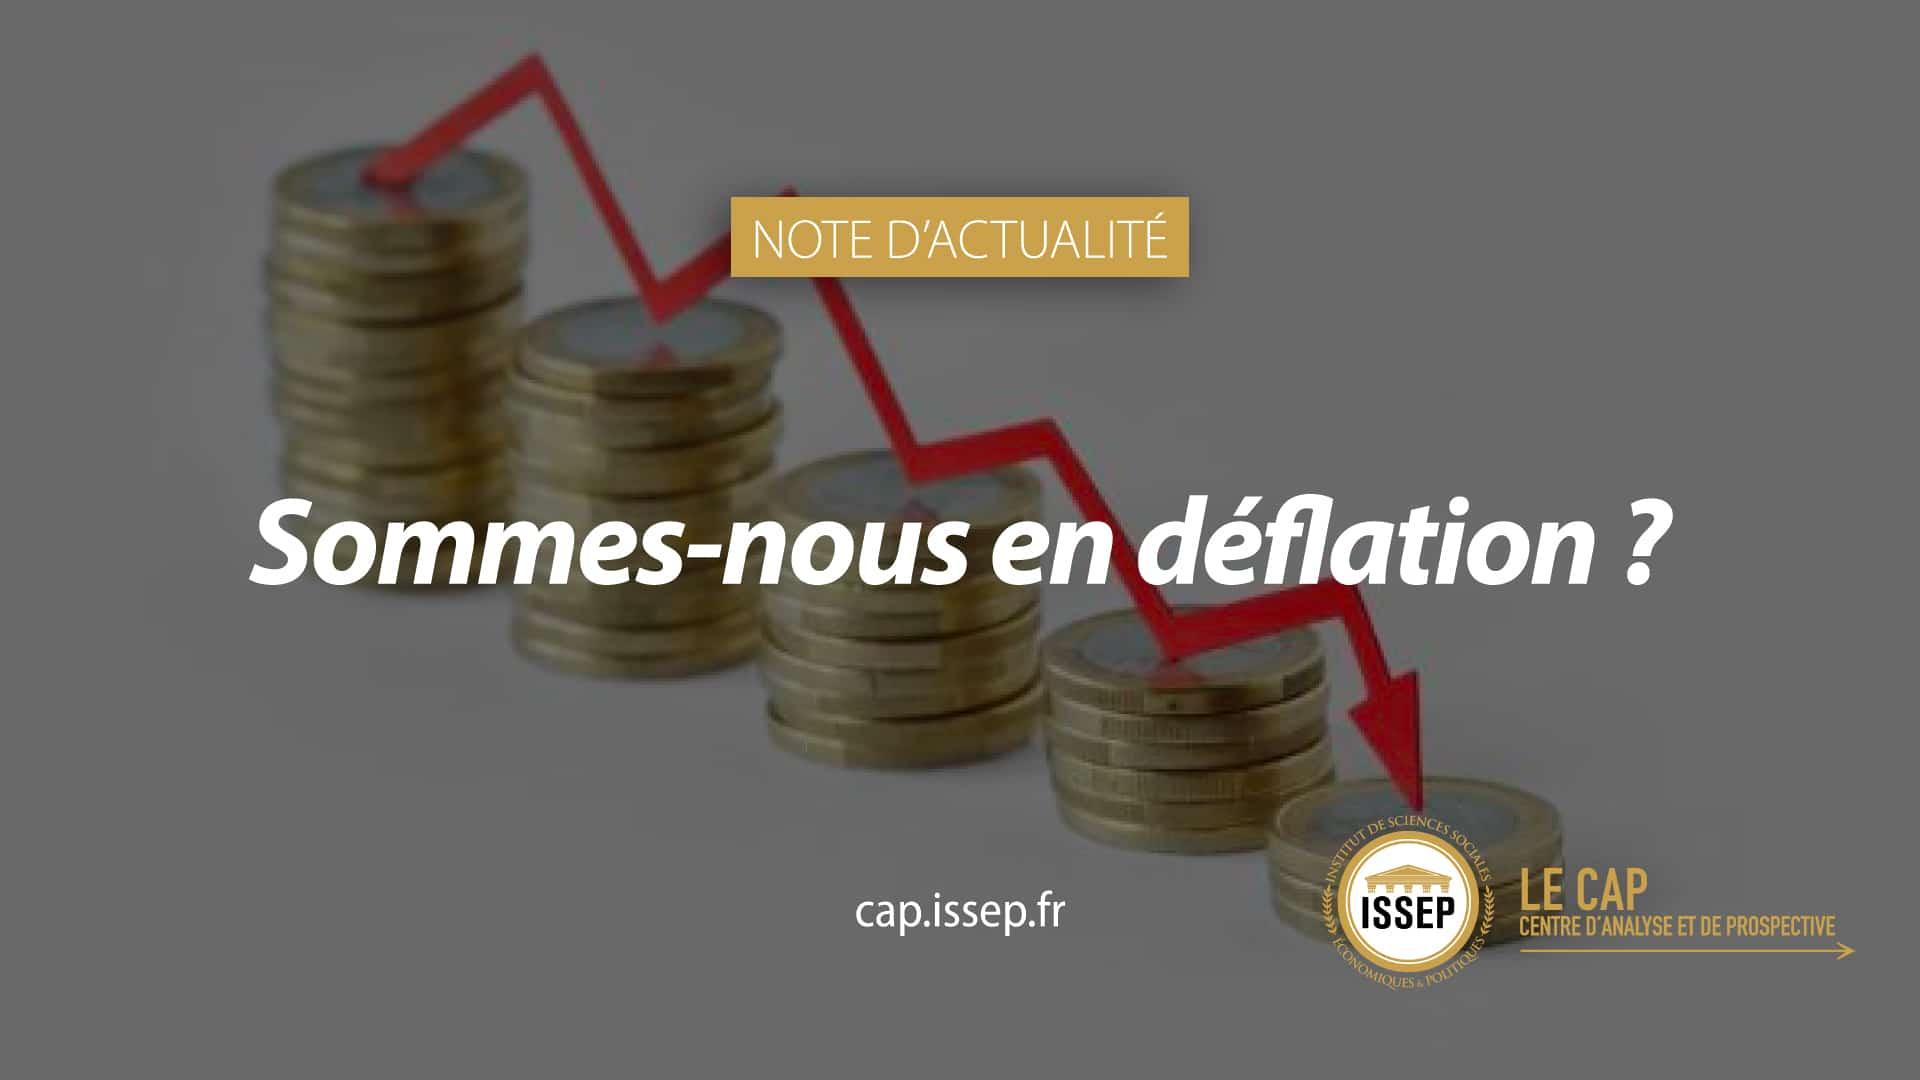 Note d'actualité du CAP - Sommes-nous en déflation ?